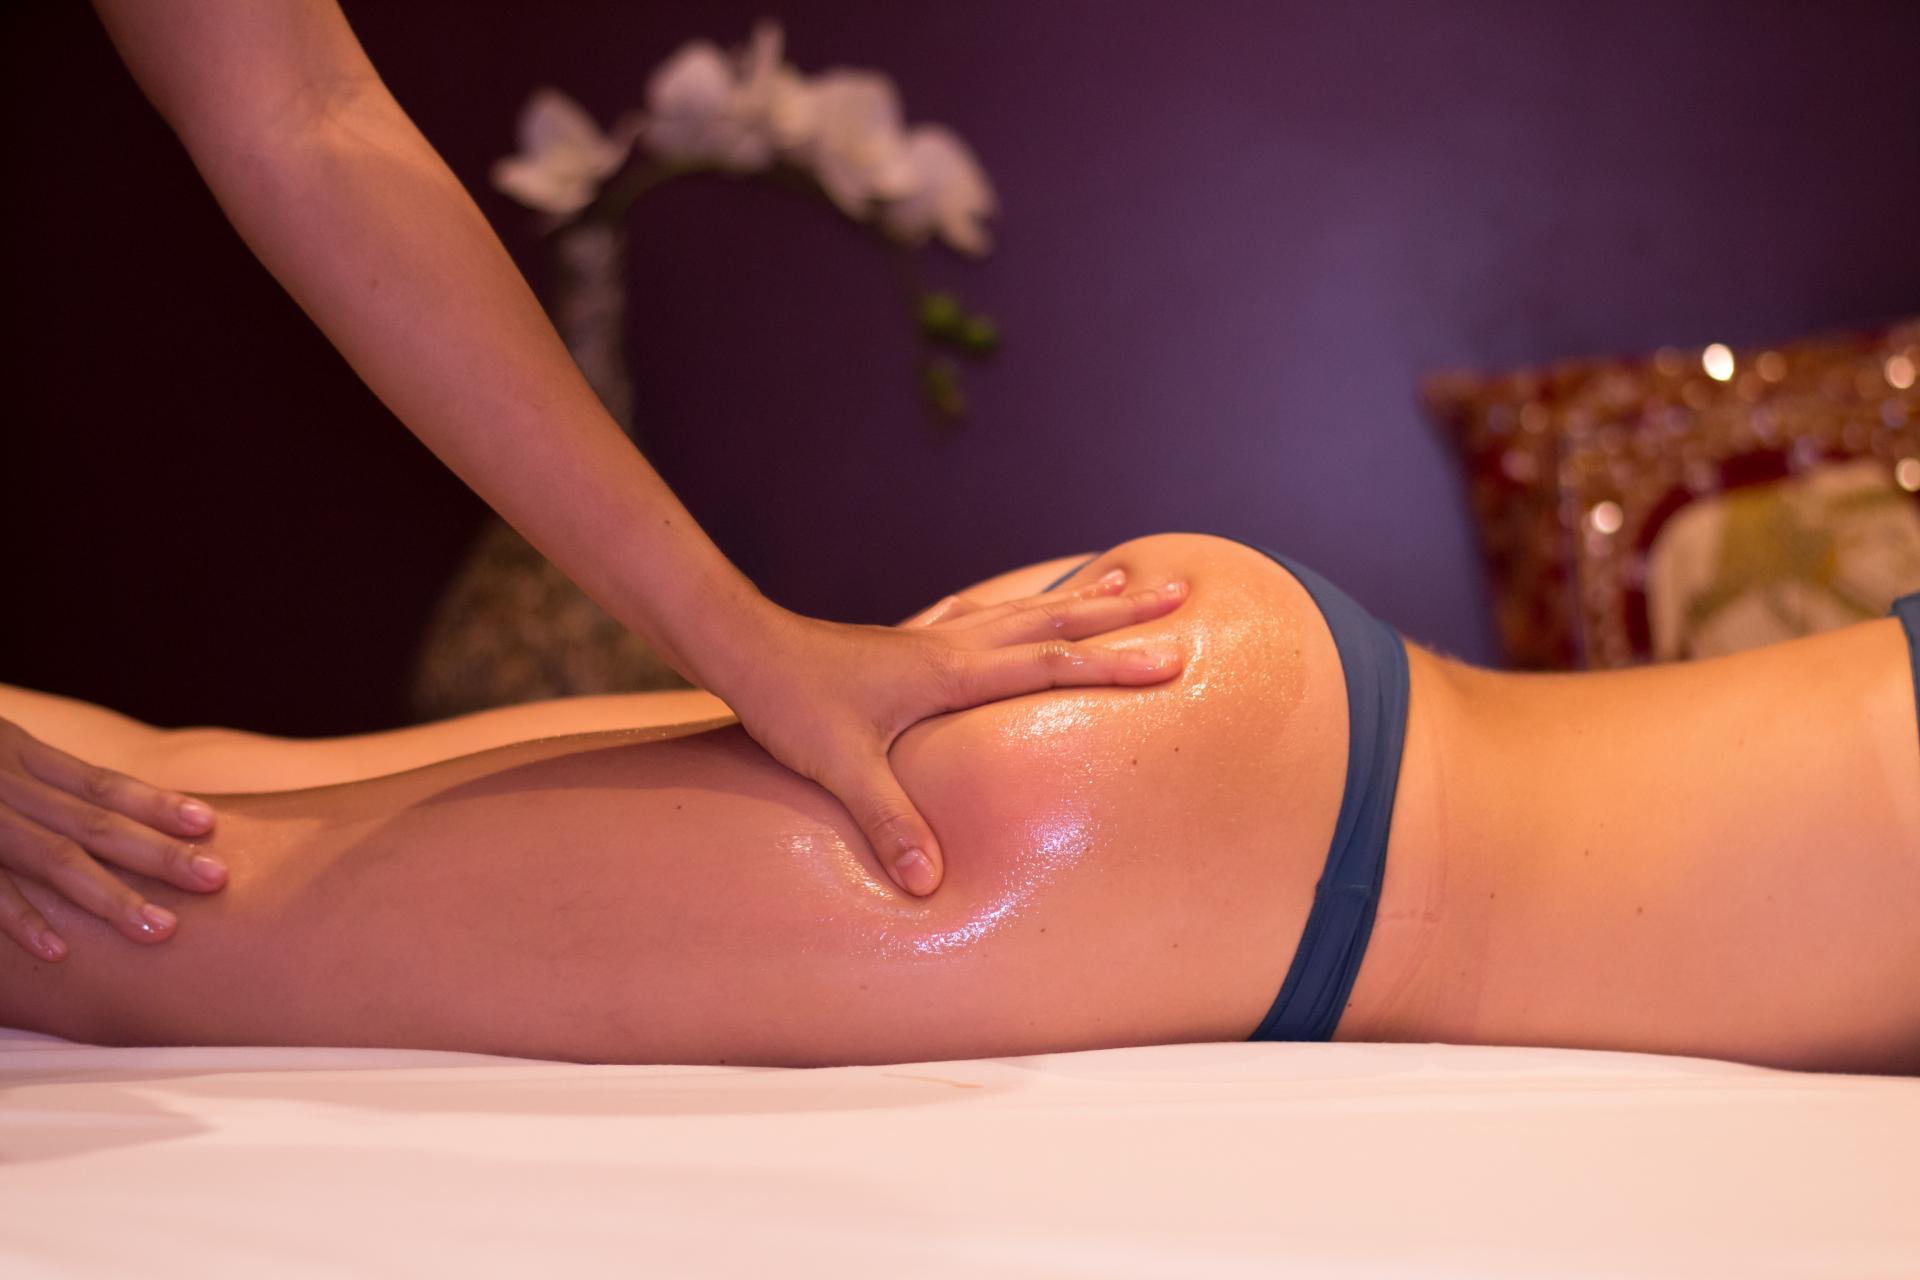 Правильный массаж фото